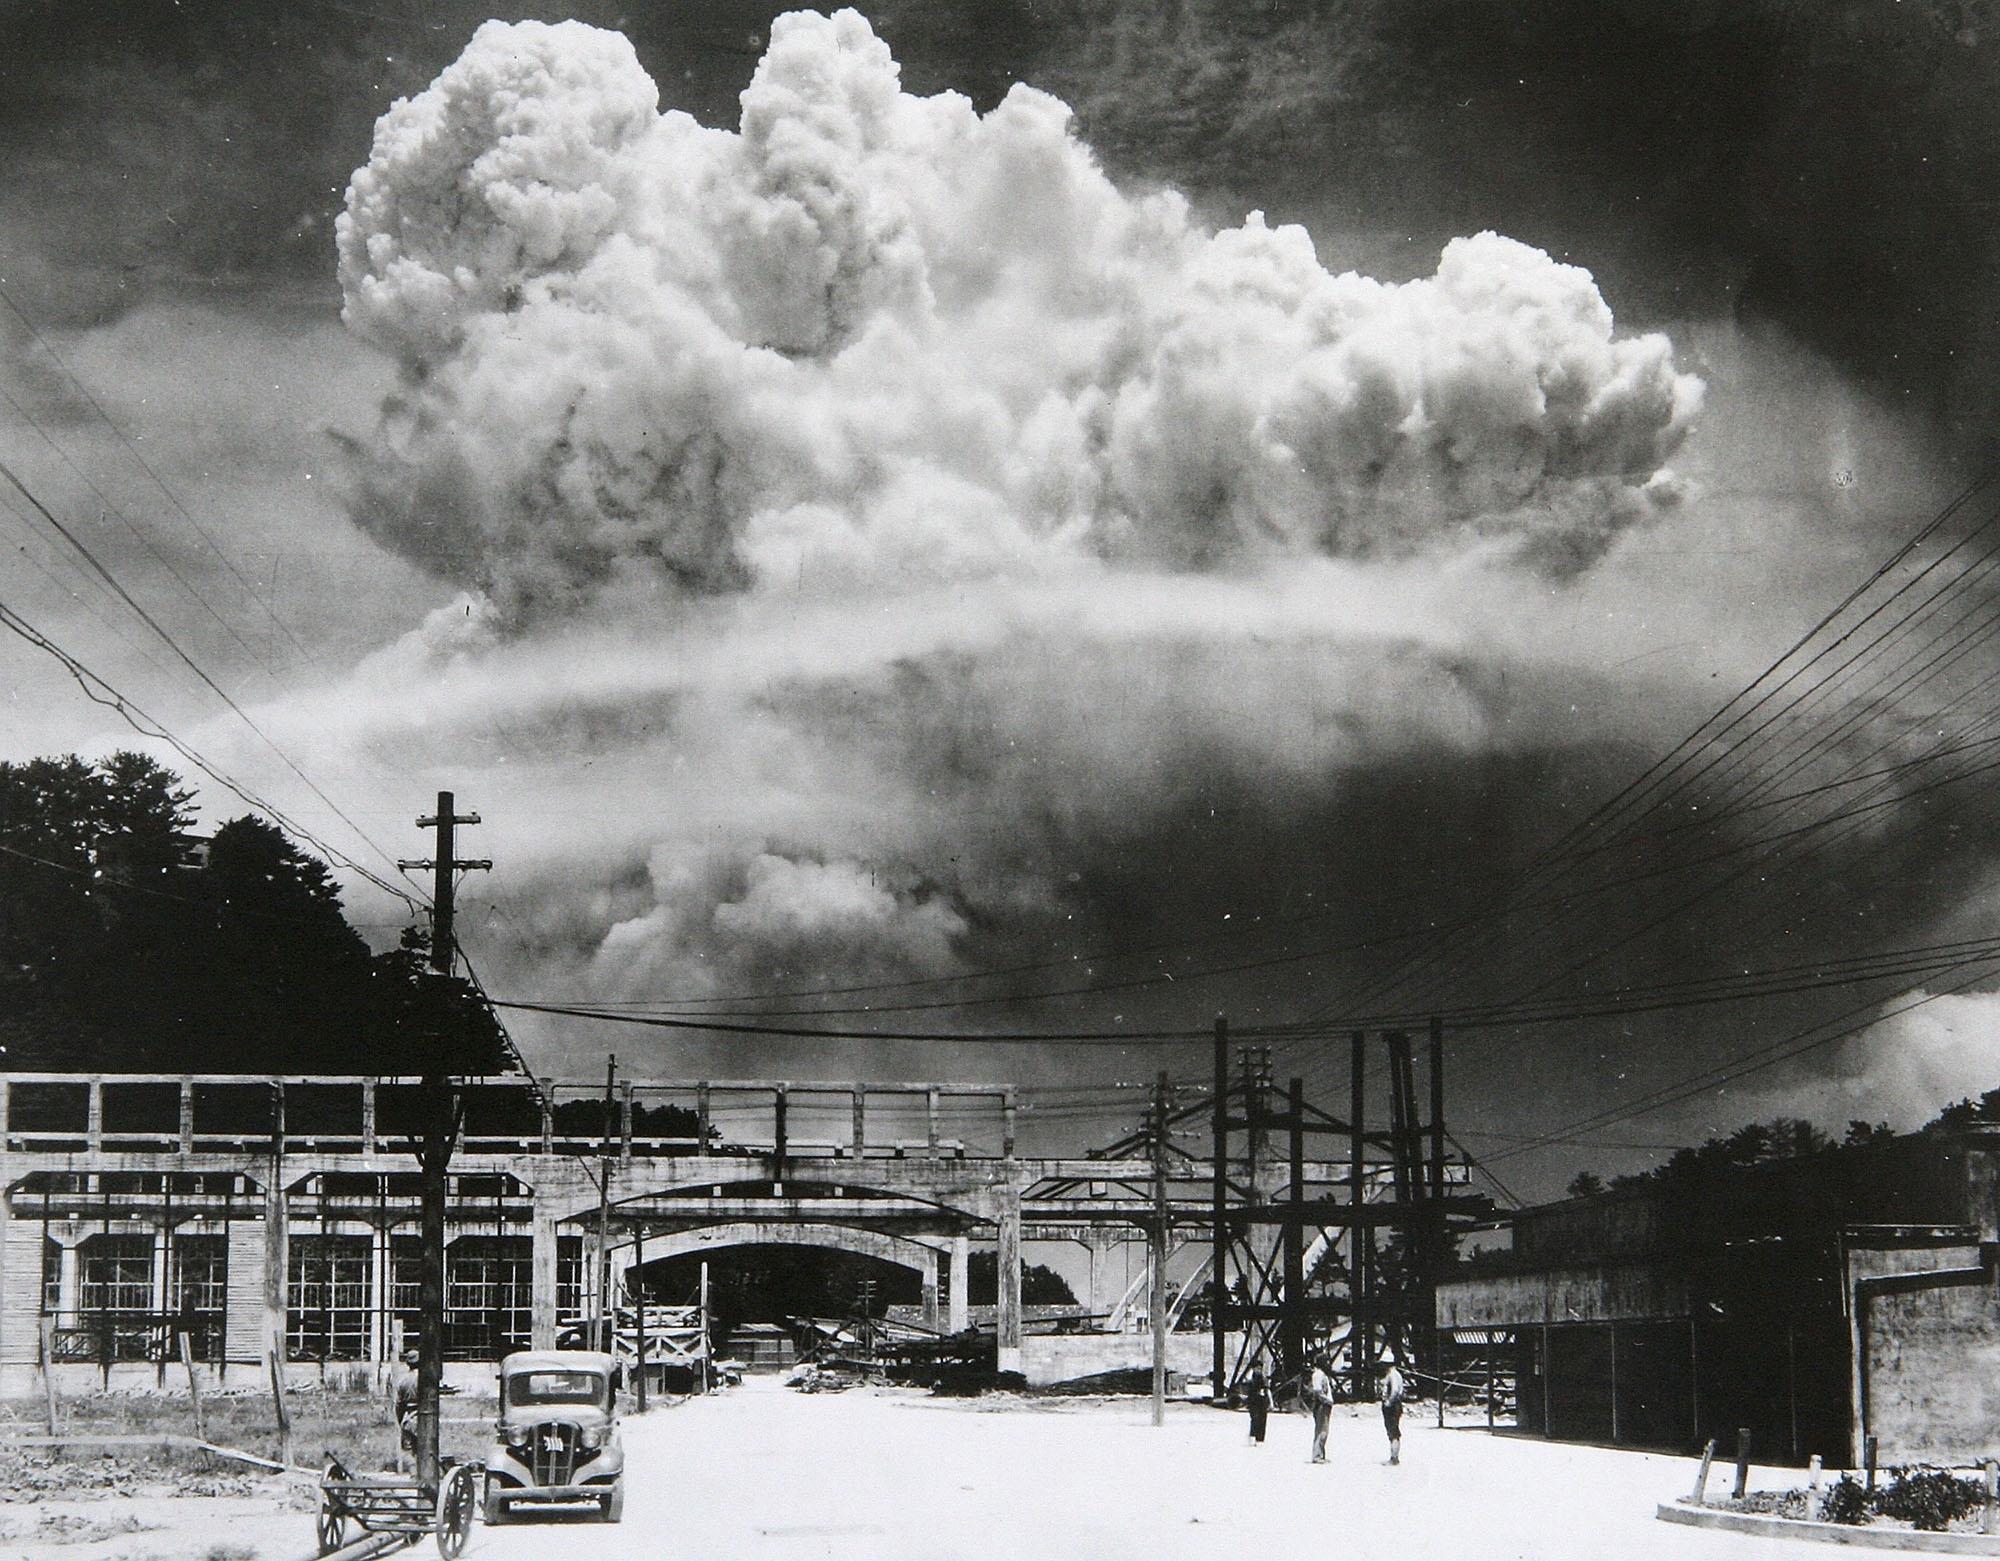 1945年8月9日、9.6km離れた長崎県香焼島で撮影された、長崎市原爆の放射性プルーム。アメリカの空飛ぶ要塞ボックスカー US B-29機が「ファットマン」とあだなされた原爆を投下し、これが午前11時直後に長崎市北部上空で爆発した (写真は Hiromichi Matsuda/Handout from Nagasaki Atomic Bomb Museum/Getty Images)